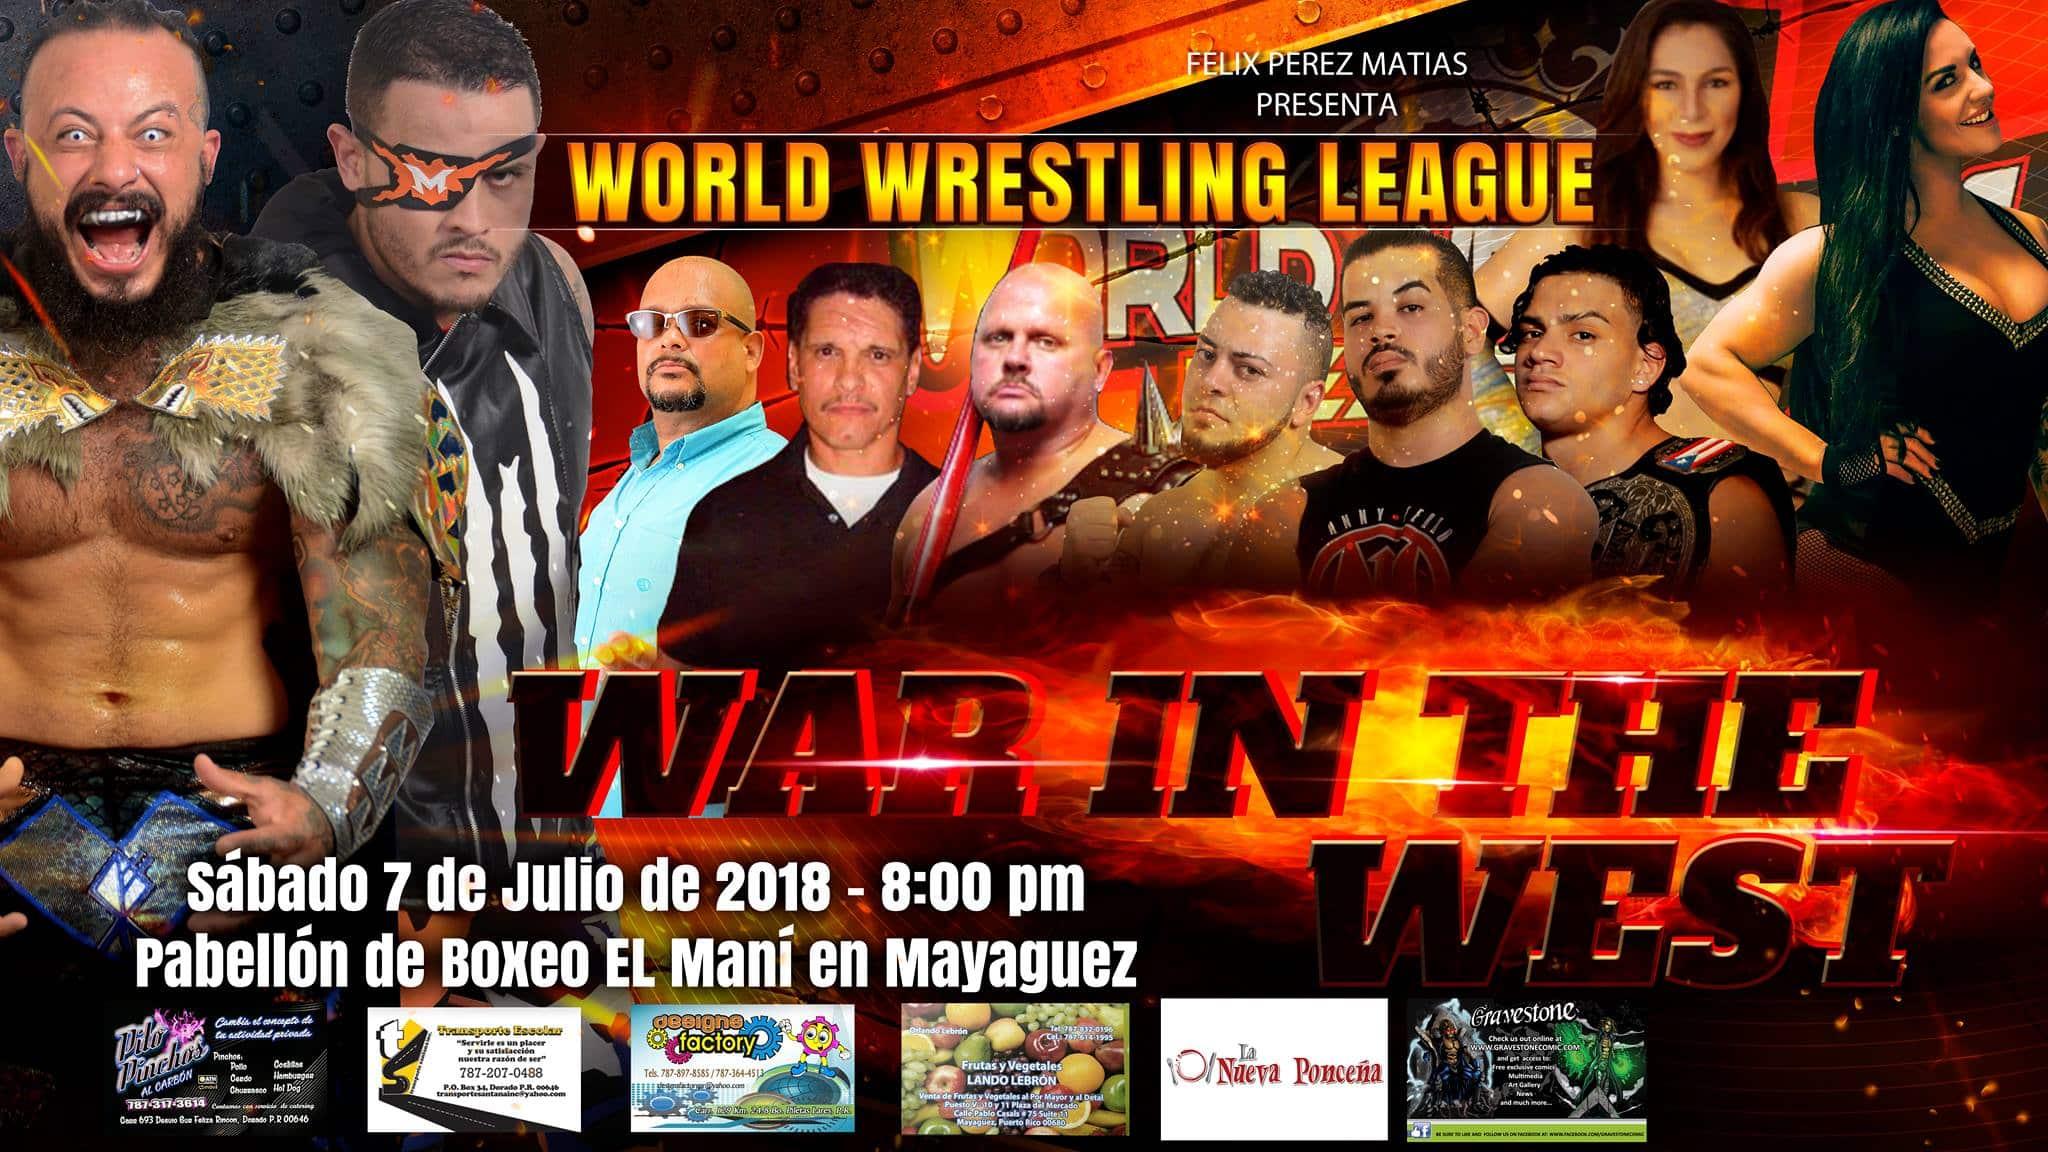 WWL: Cartelera hasta ahora para WAR IN THE WEST | Mecha Wolf vs Morgan por el CAMPEONATO MUNDIAL 19